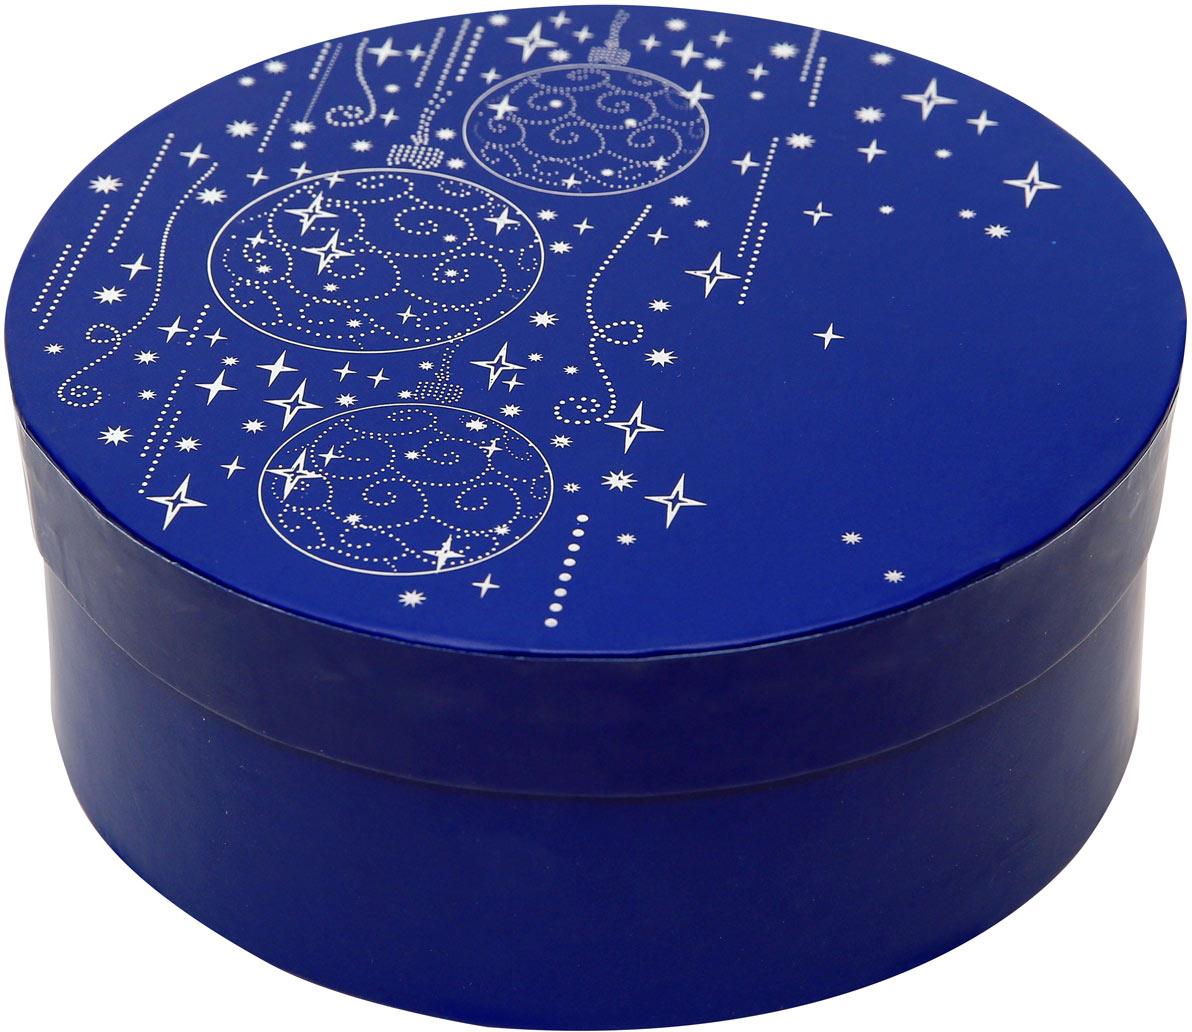 Коробка подарочная Правила Успеха Верона, 20 x 8 см4610009214528Круглая коробка из переплетного (жесткого) картонаВнешние размеры: 21хН 8,5 см Внутренний размеры: 20 хН 8смМатовое покрытие Тиснение серебряной фольгойТонкие линии серебряной краски, витиеватые узоры, аккуратно превращаются в волшебные звездочки и новогодние шары. Это роскошный и одновременно лаконичный дизайн напоминает о приближении чудесного волшебного праздника, всеми нами настолько любимого - Нового года. И подарок в этой упаковке будет уместен на любом торжестве – на корпоративной вечеринке и в тихом семейном кругу.